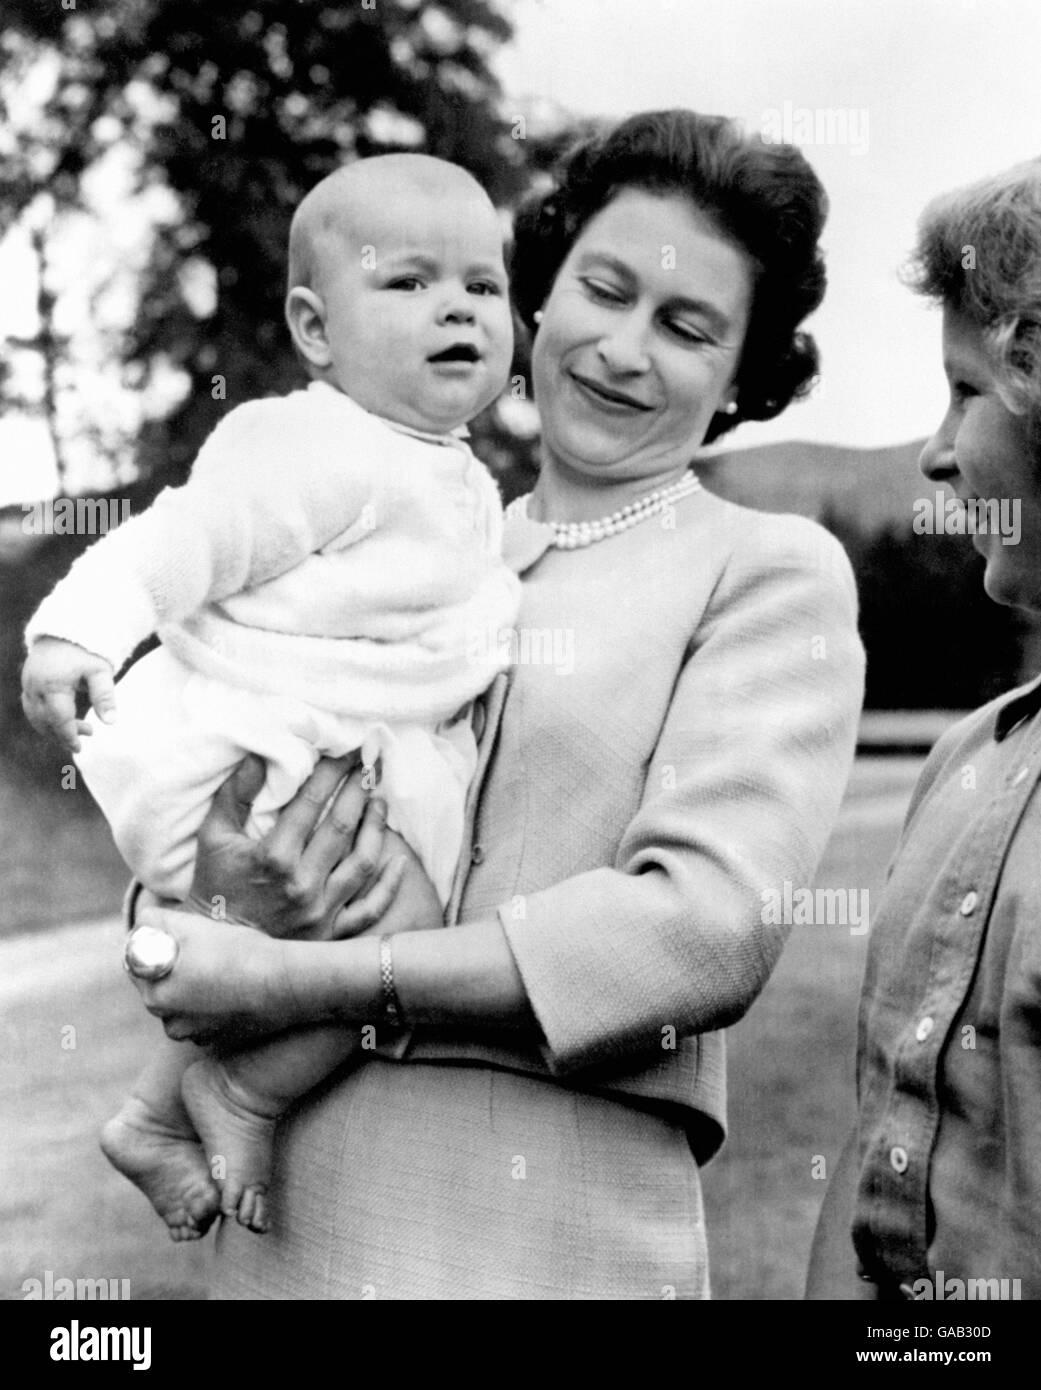 la-reina-que-sostiene-al-principe-andres-durante-una-excursion-en-los-terrenos-de-balmoral-escocia-donde-la-familia-real-esta-de-vacaciones-gab30d.jpg